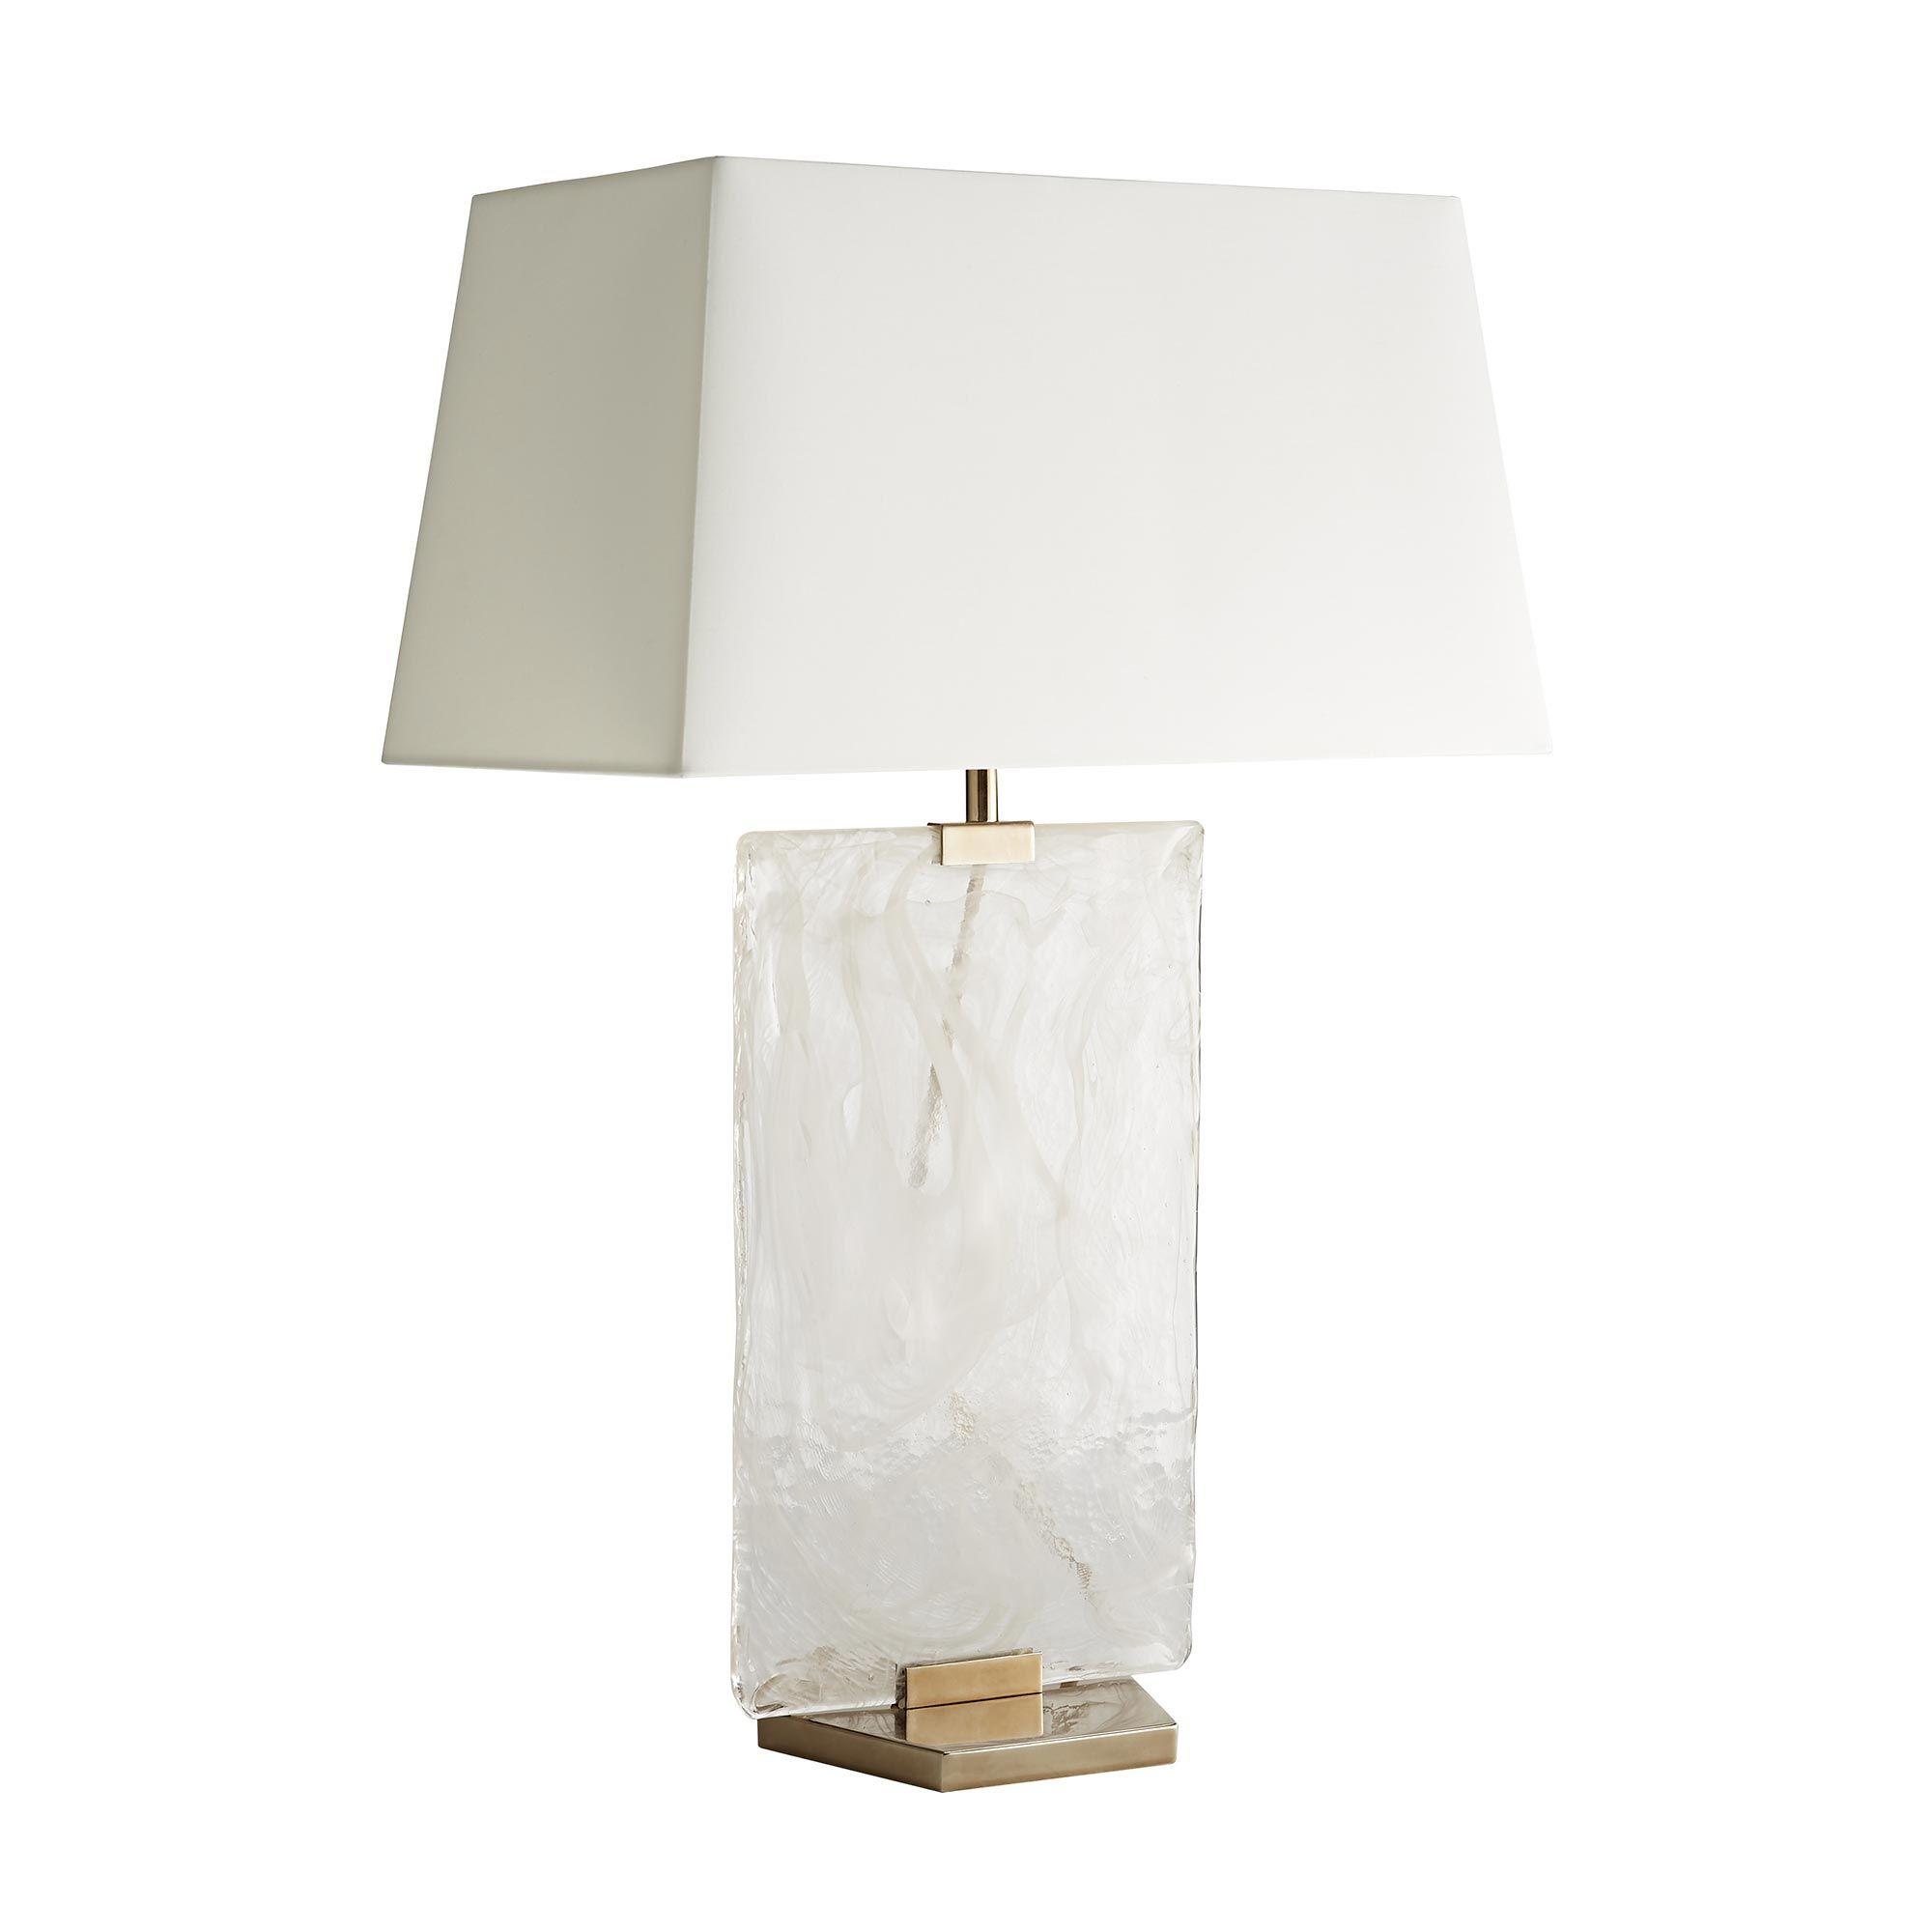 Maddox Lamp